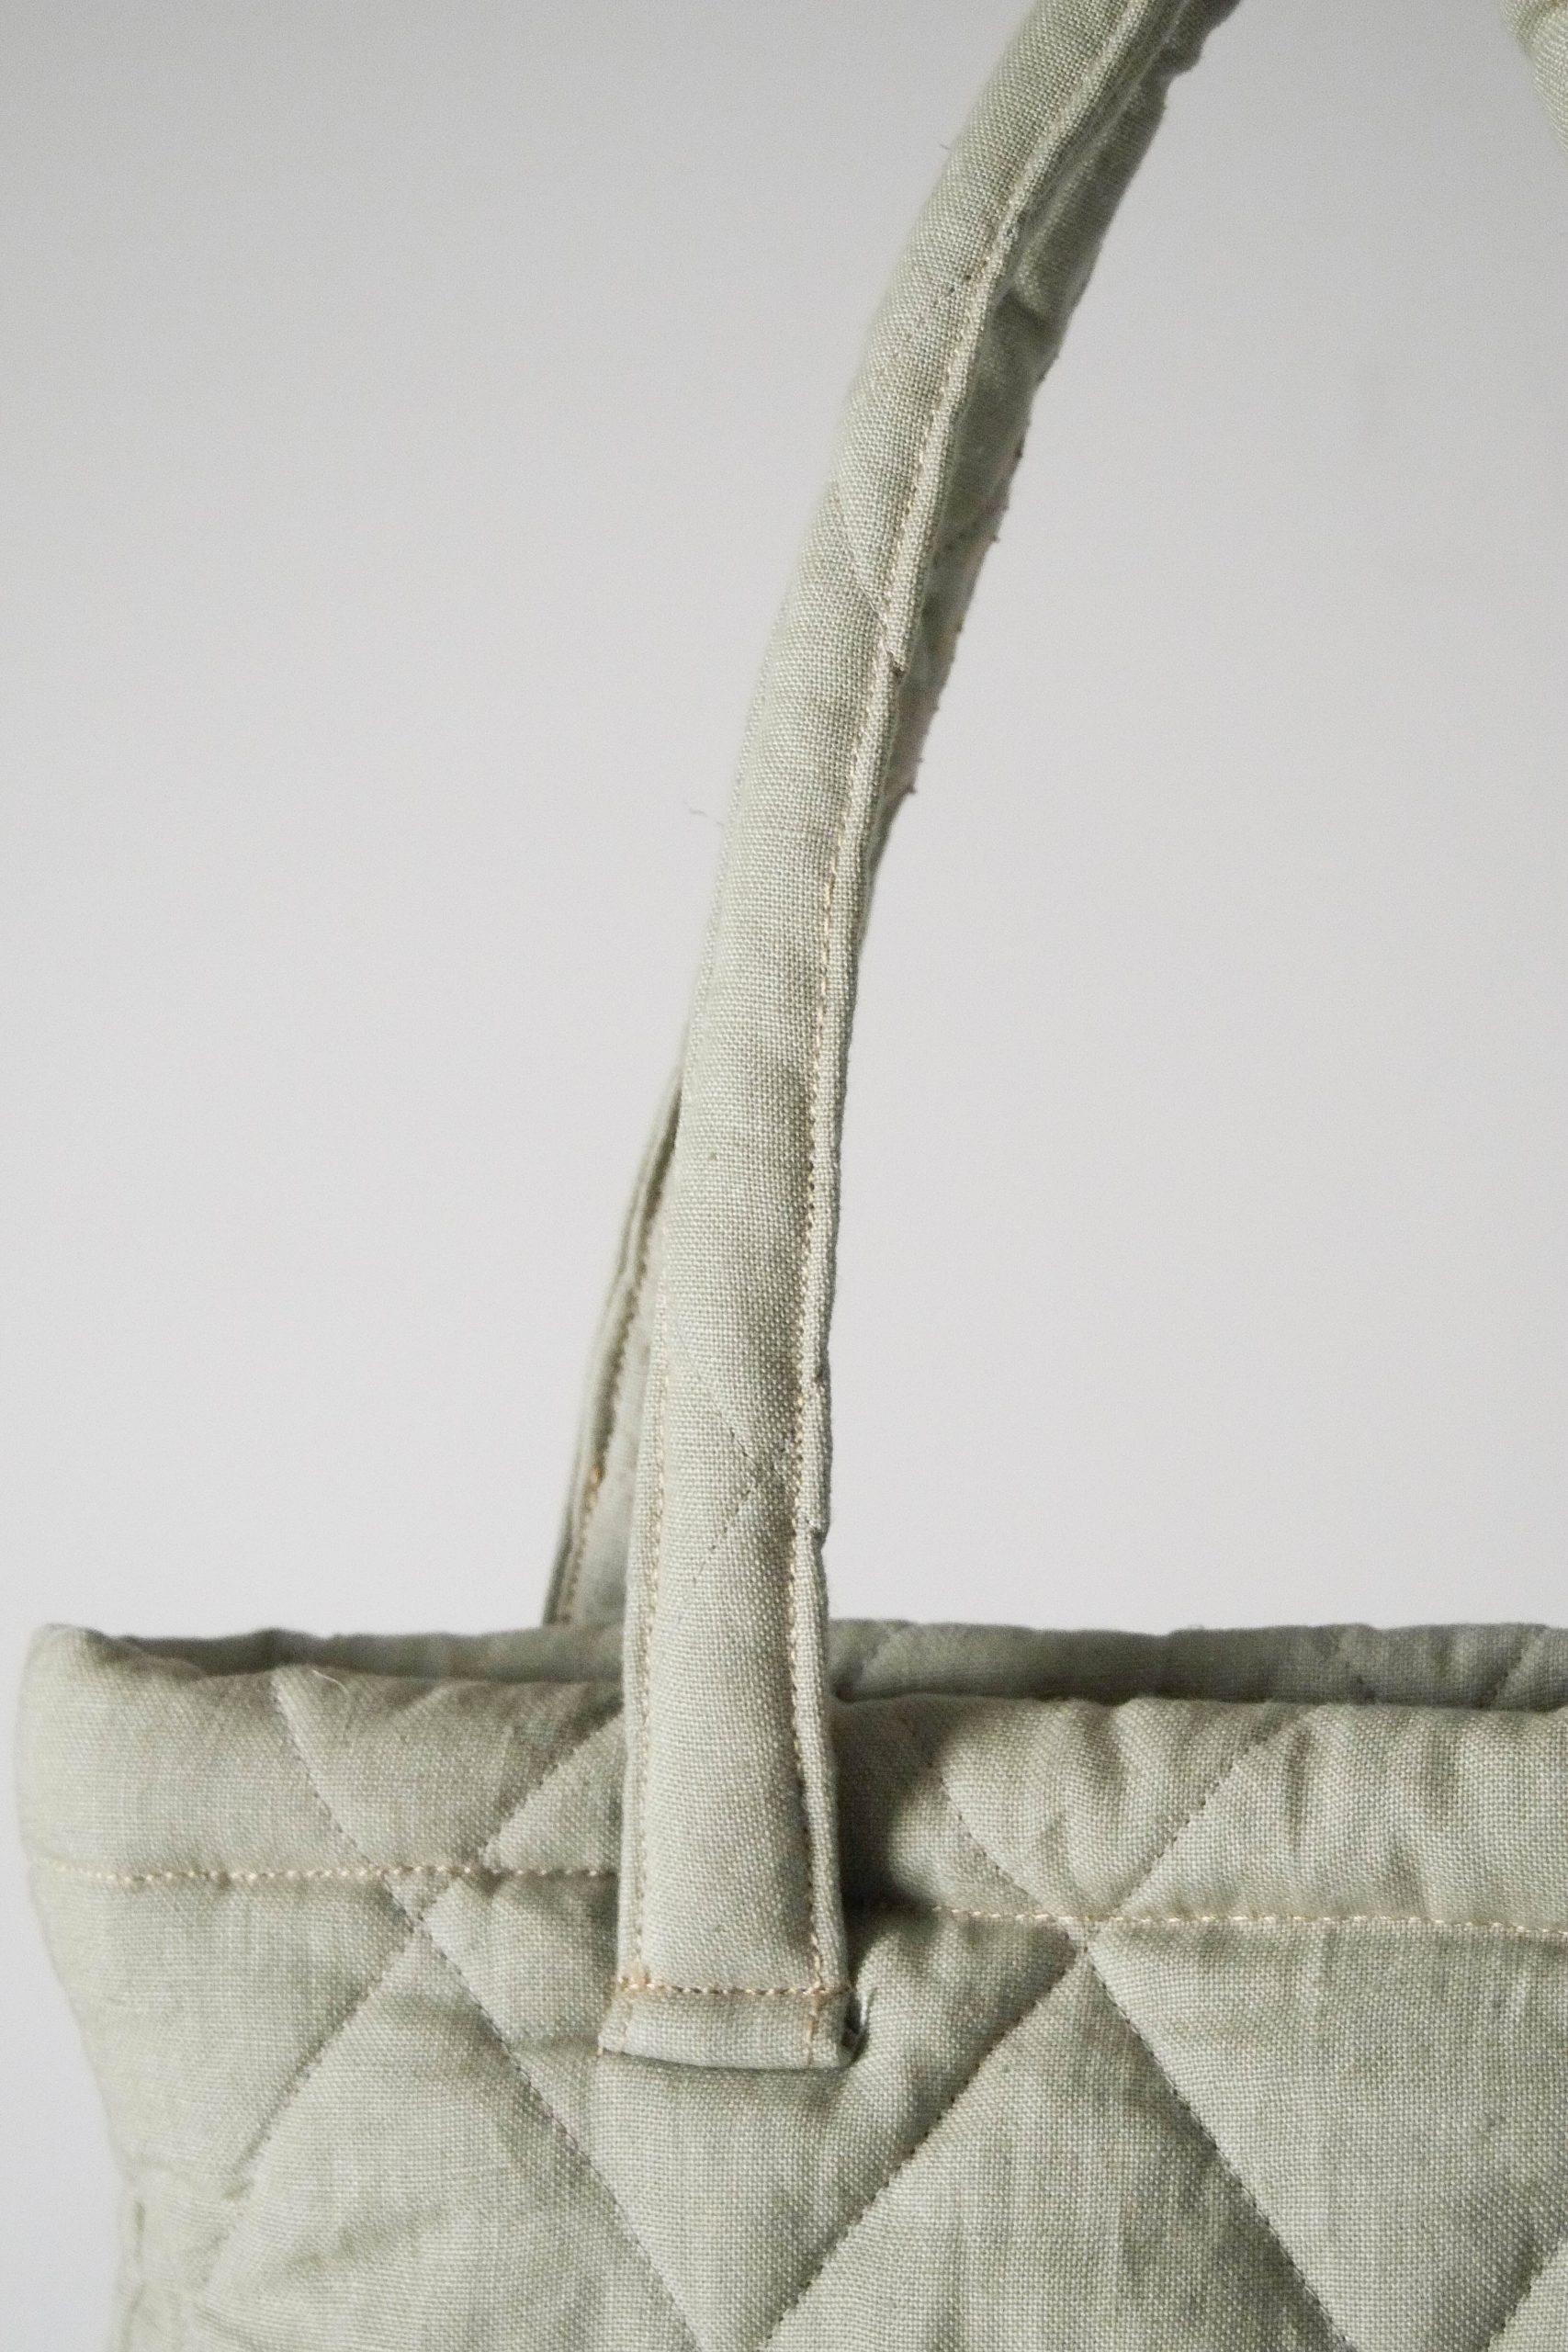 detalle asa bolsa con parche de piel